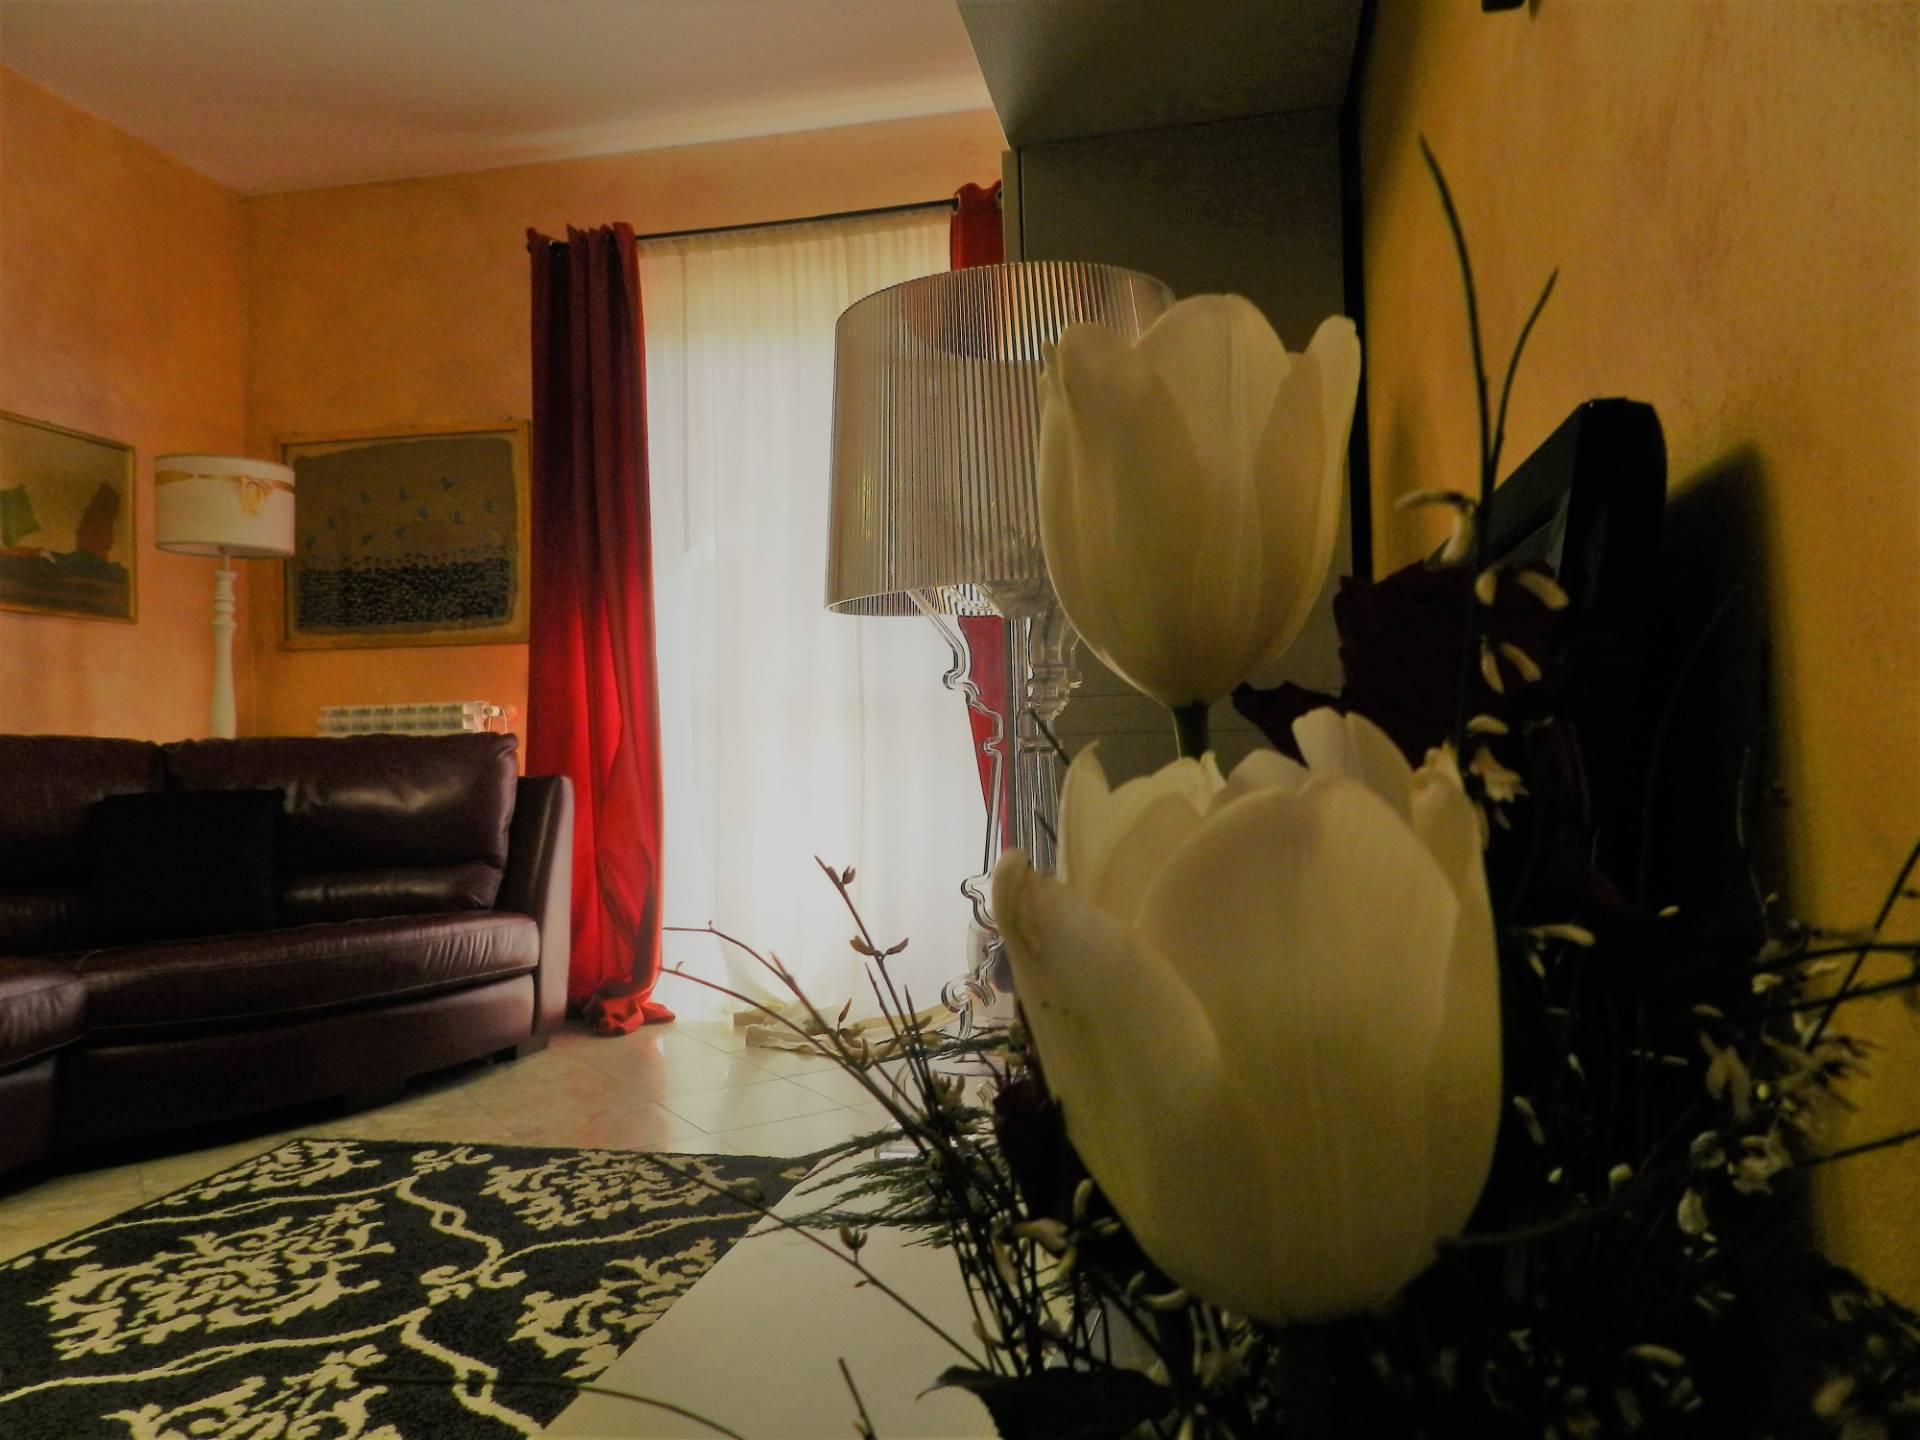 Appartamento in vendita a Santa Marinella, 3 locali, zona Località: Valdambrini, prezzo € 168.000   CambioCasa.it